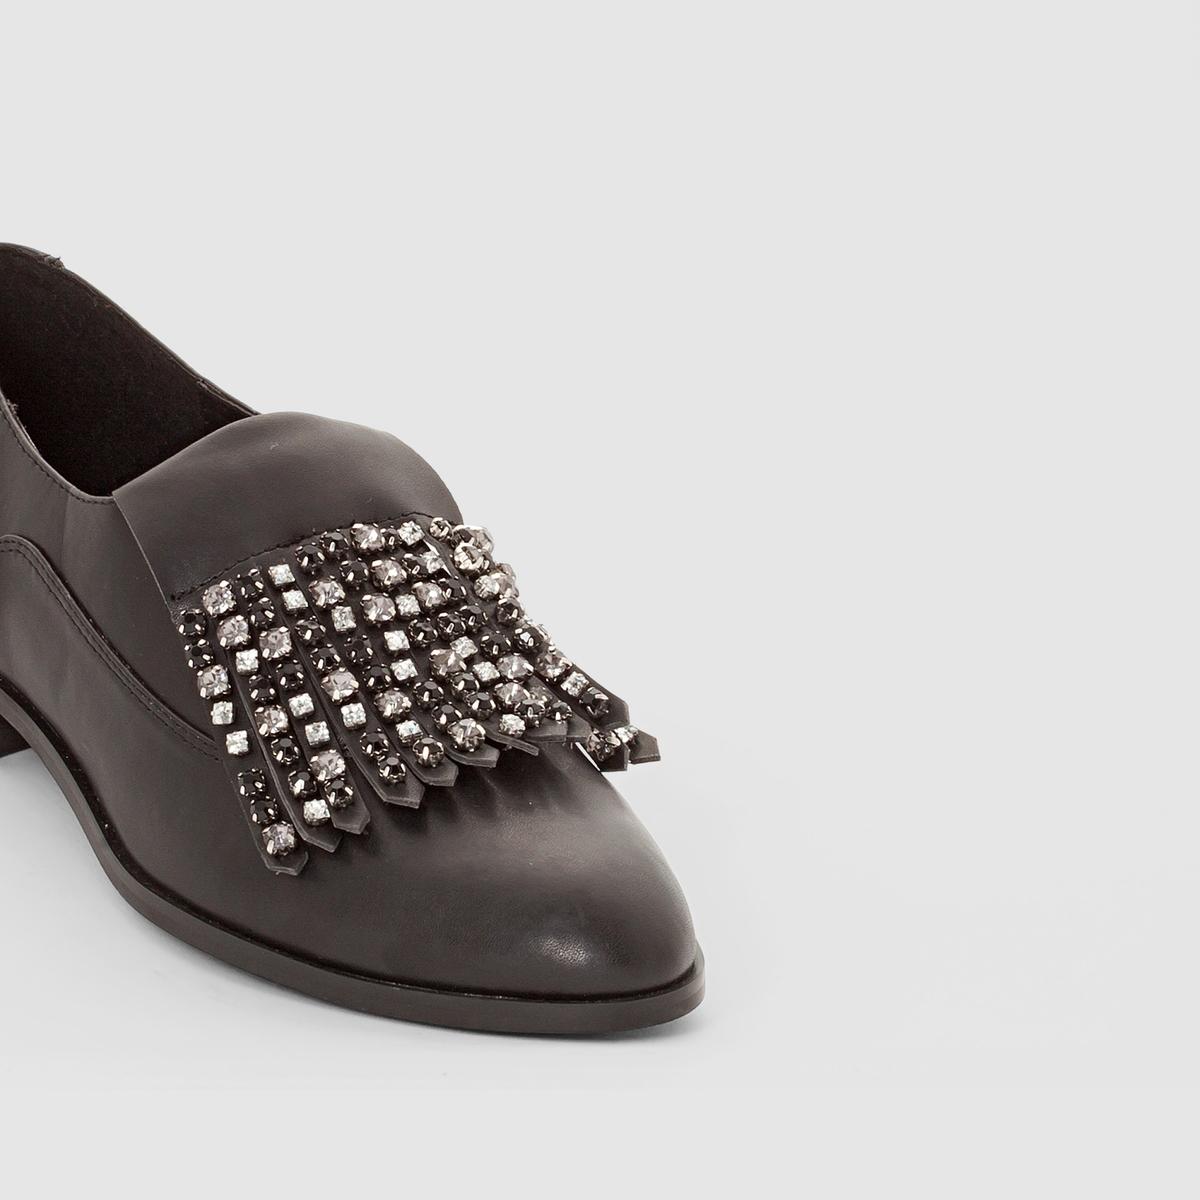 Ботинки-дерби со вставкой-украшением